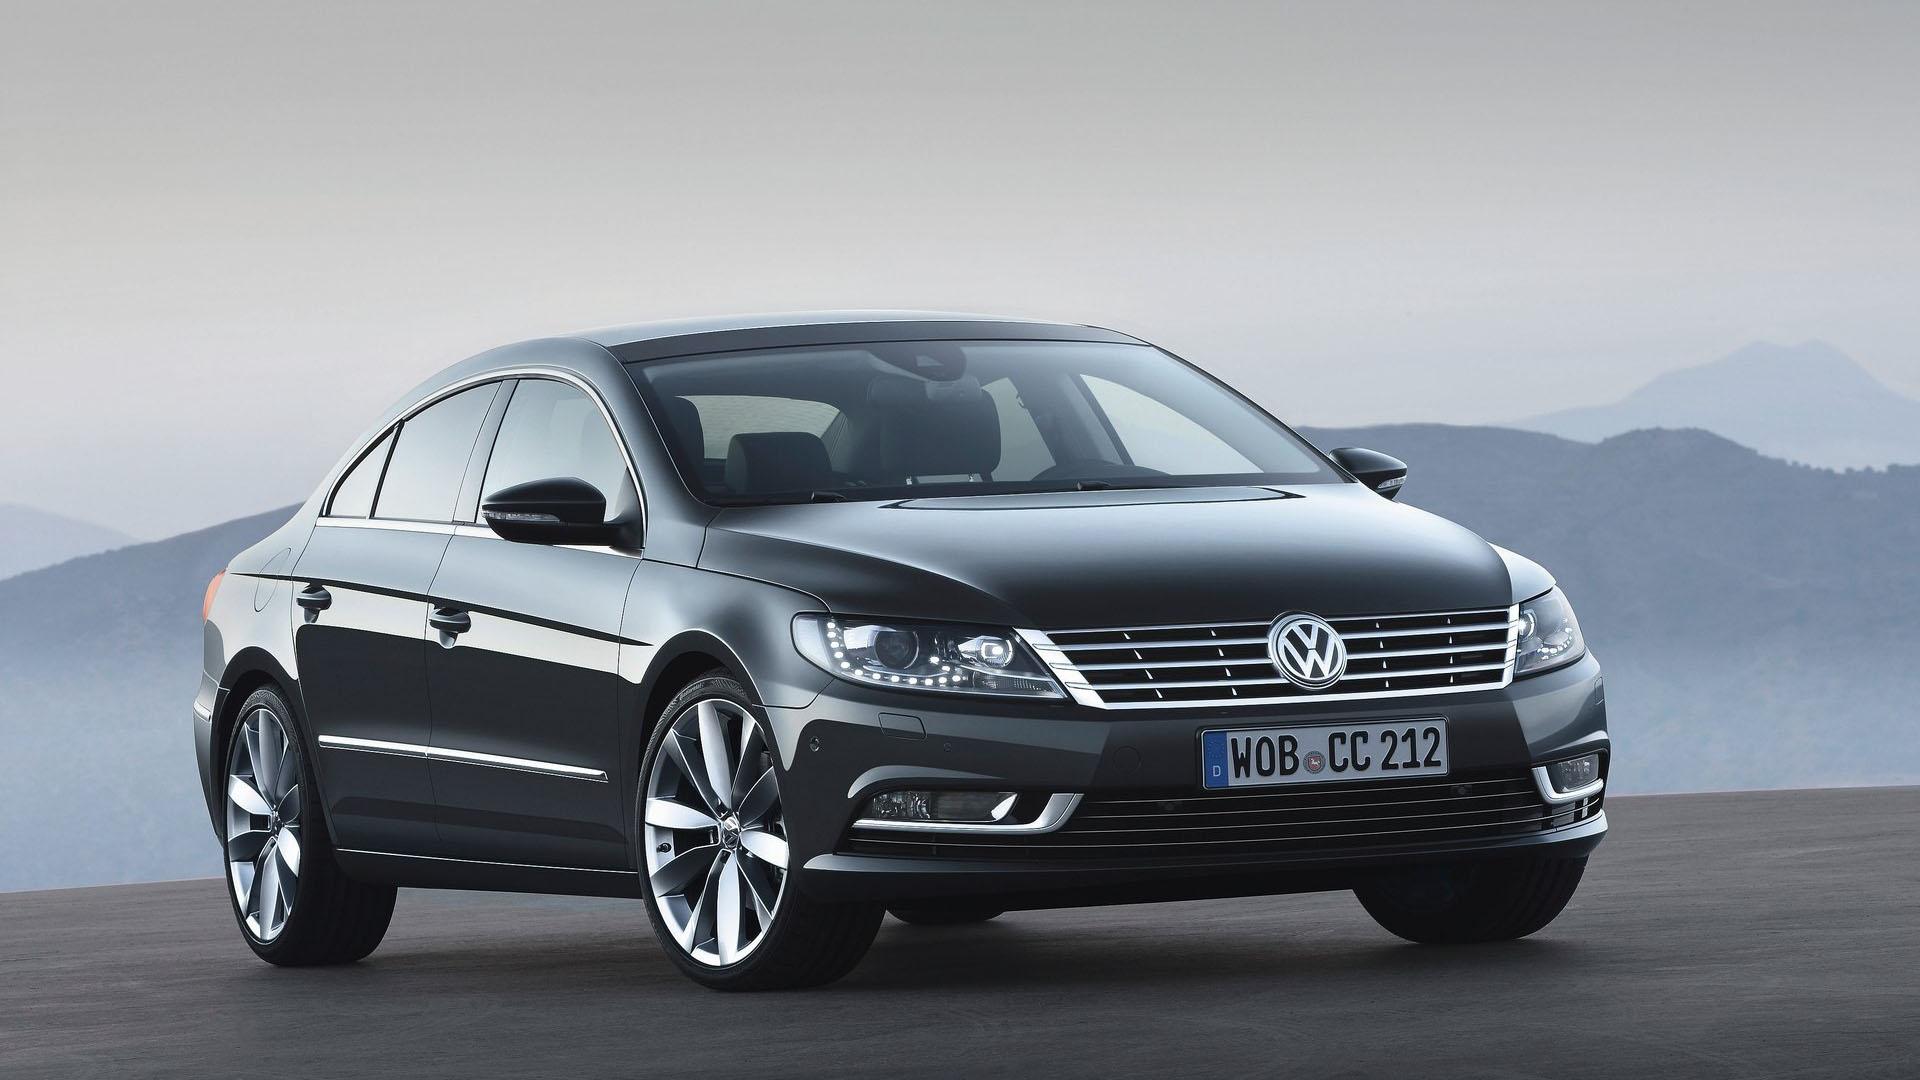 Volkswagen Passat CC wallpapers Desktop Download